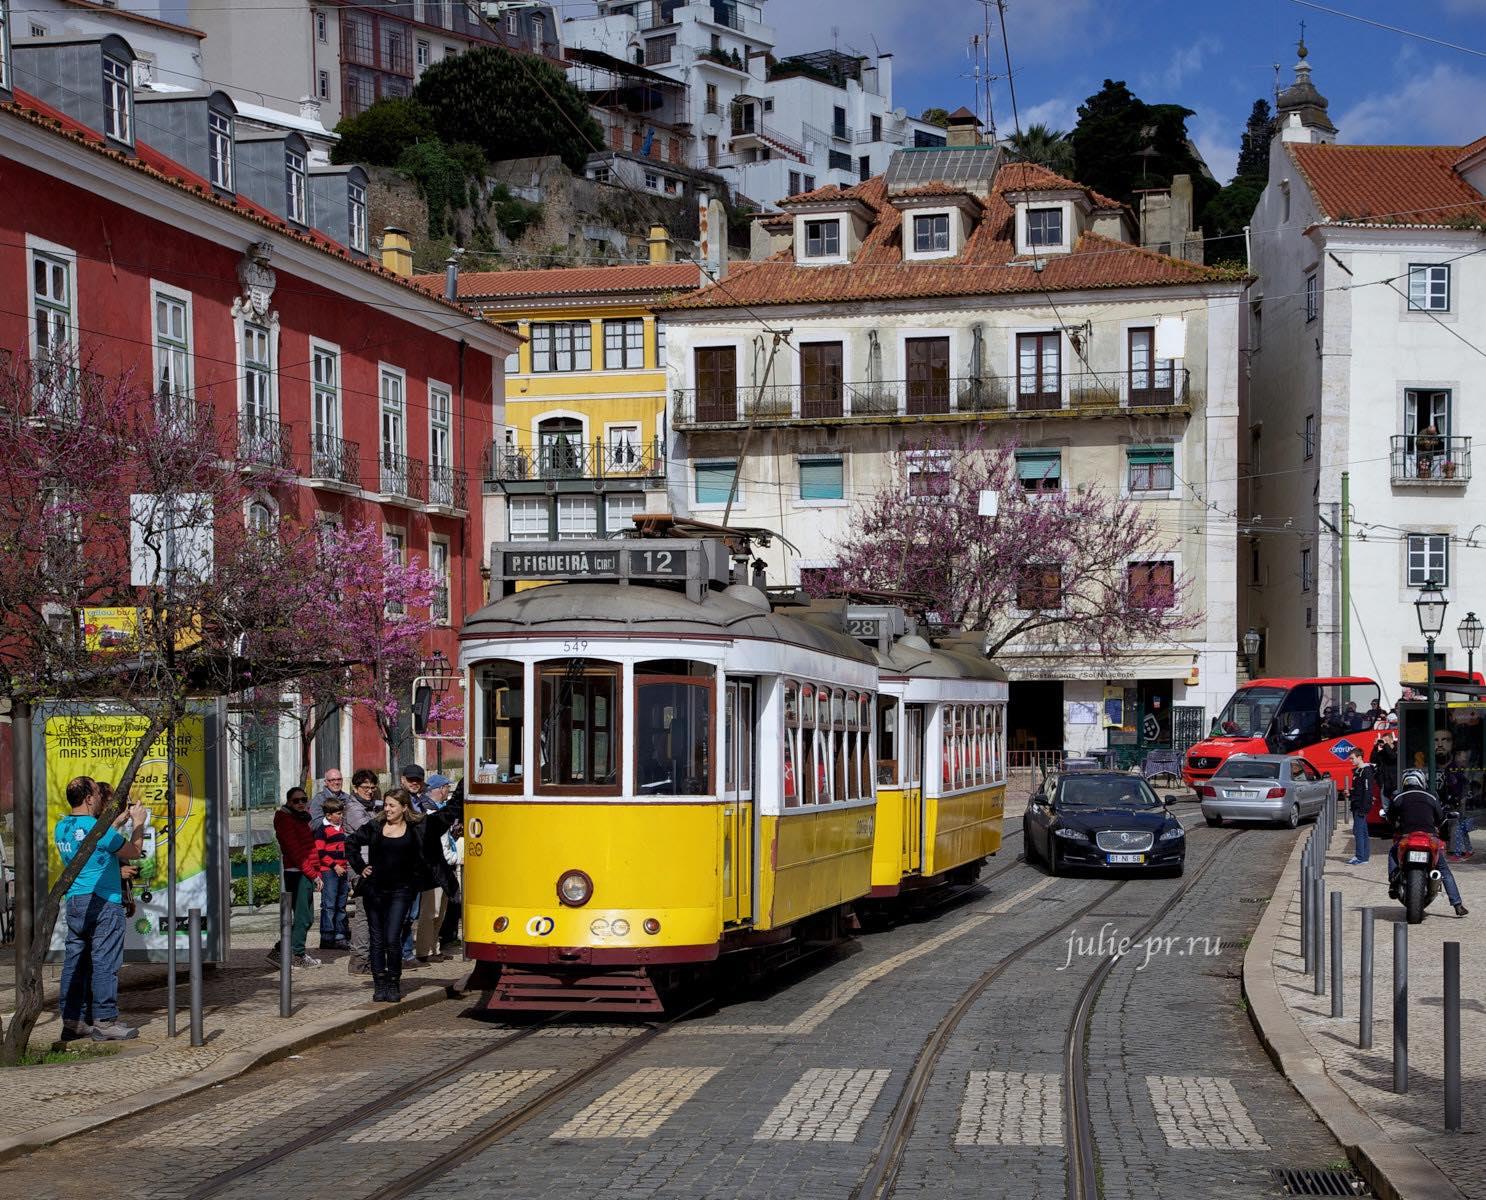 Португалия, Лиссабон, трамвай